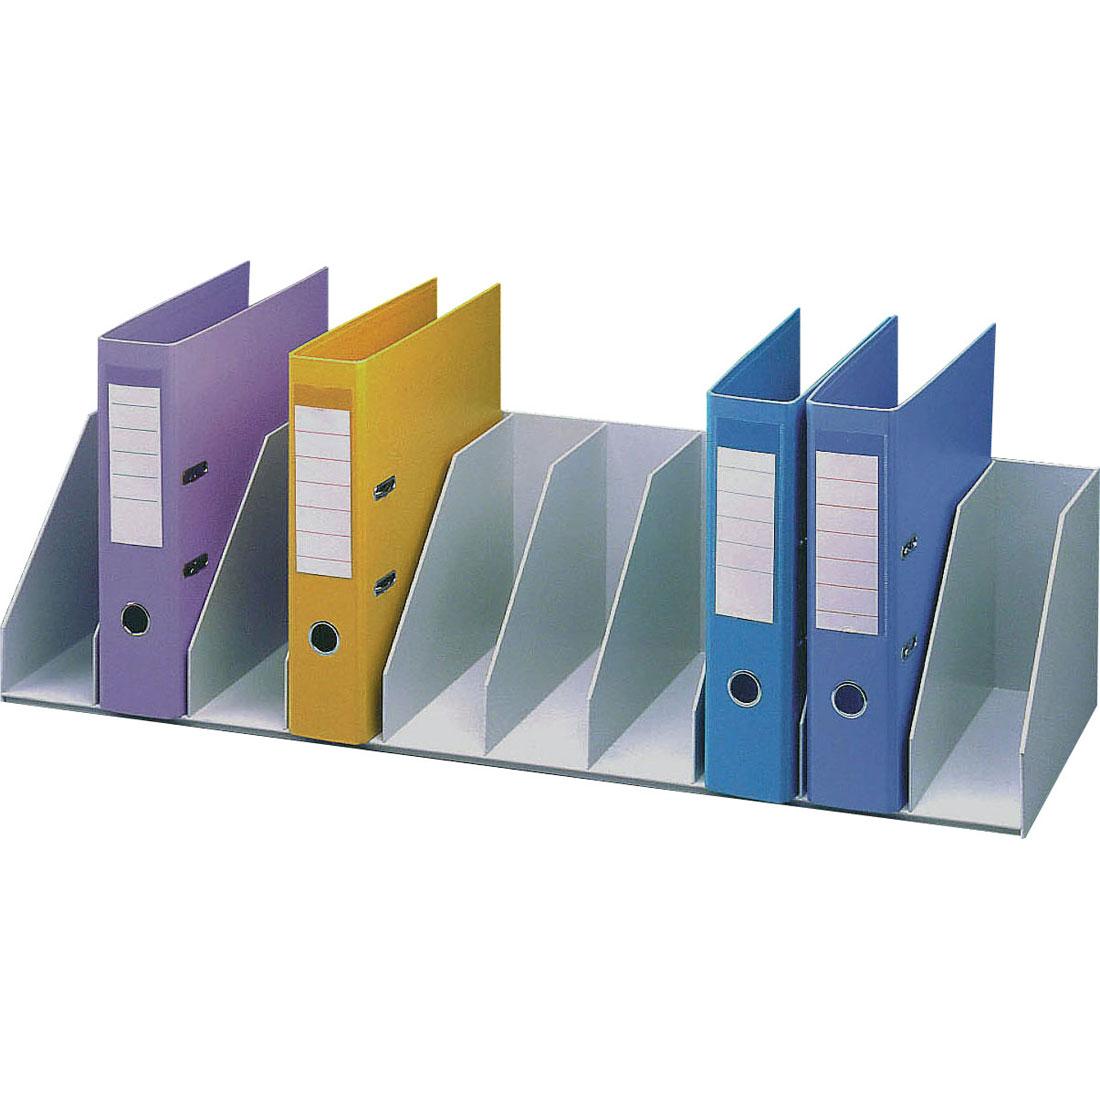 Paperflow Trieur Pour Tagre 10 Cases Fixes Gris Module